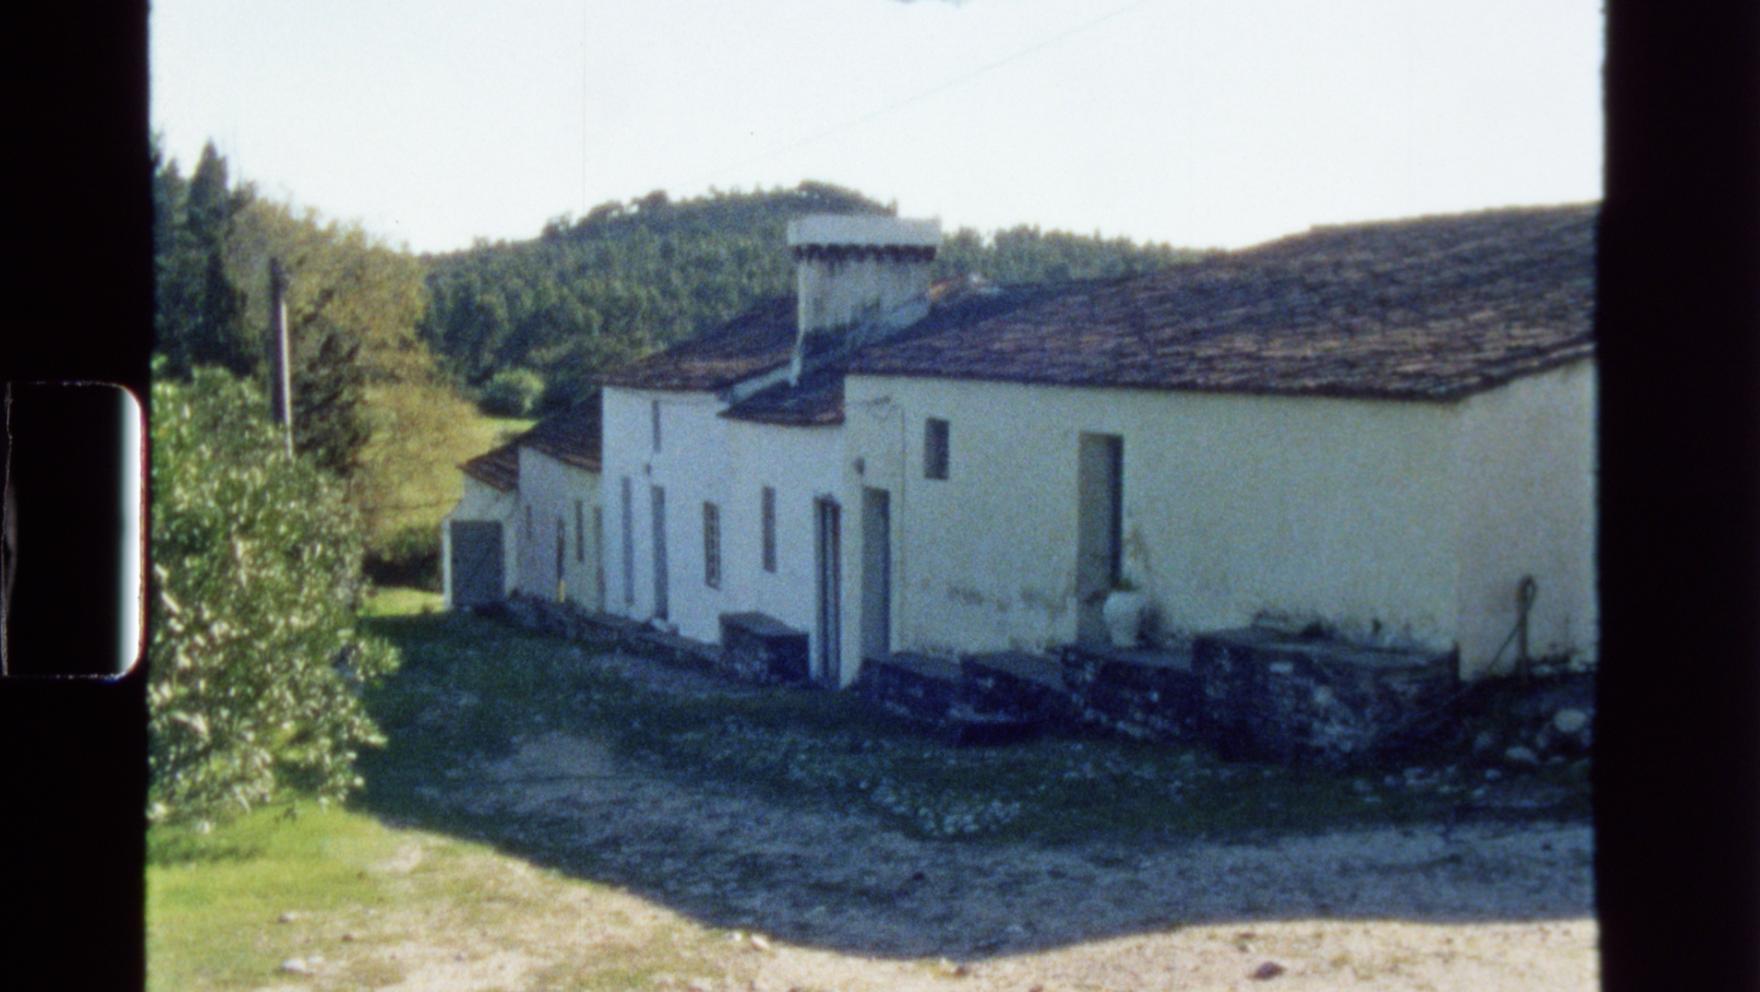 Centa, Tapada da Tojeira, Vila Velha de Rodão, Portugal.